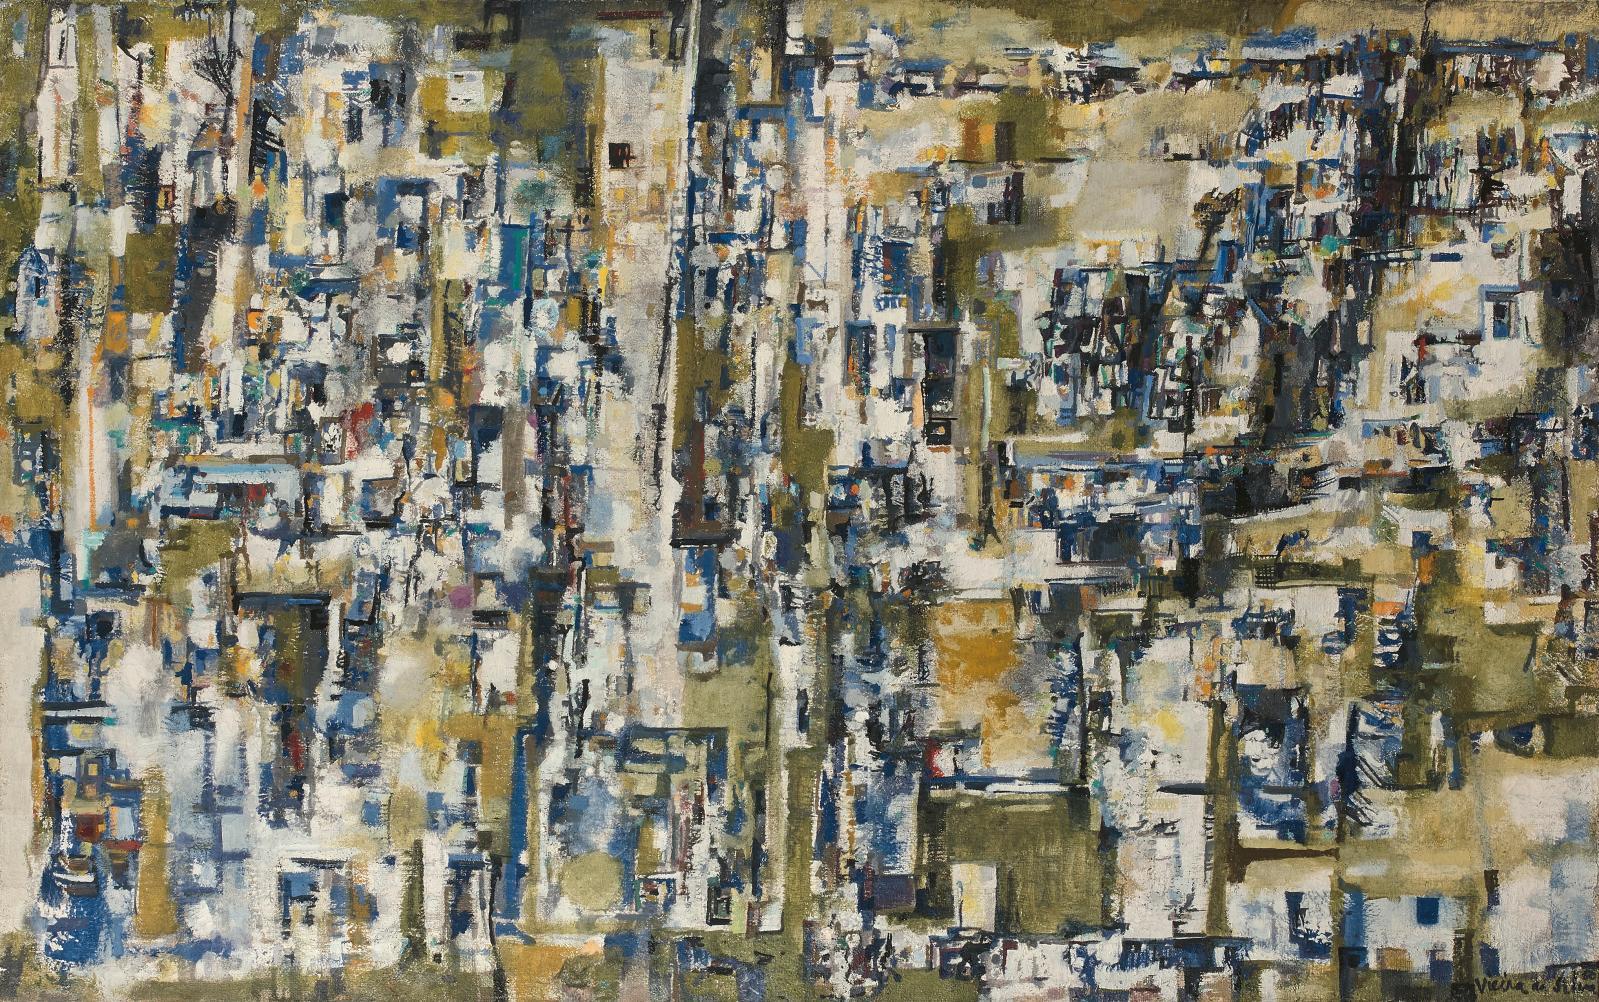 Titrée Bleu et jaune ou encore Les Villages (72,6x116cm), cette huile sur toile de Maria Helena Vieira daSilva(1908-1992) était adugé